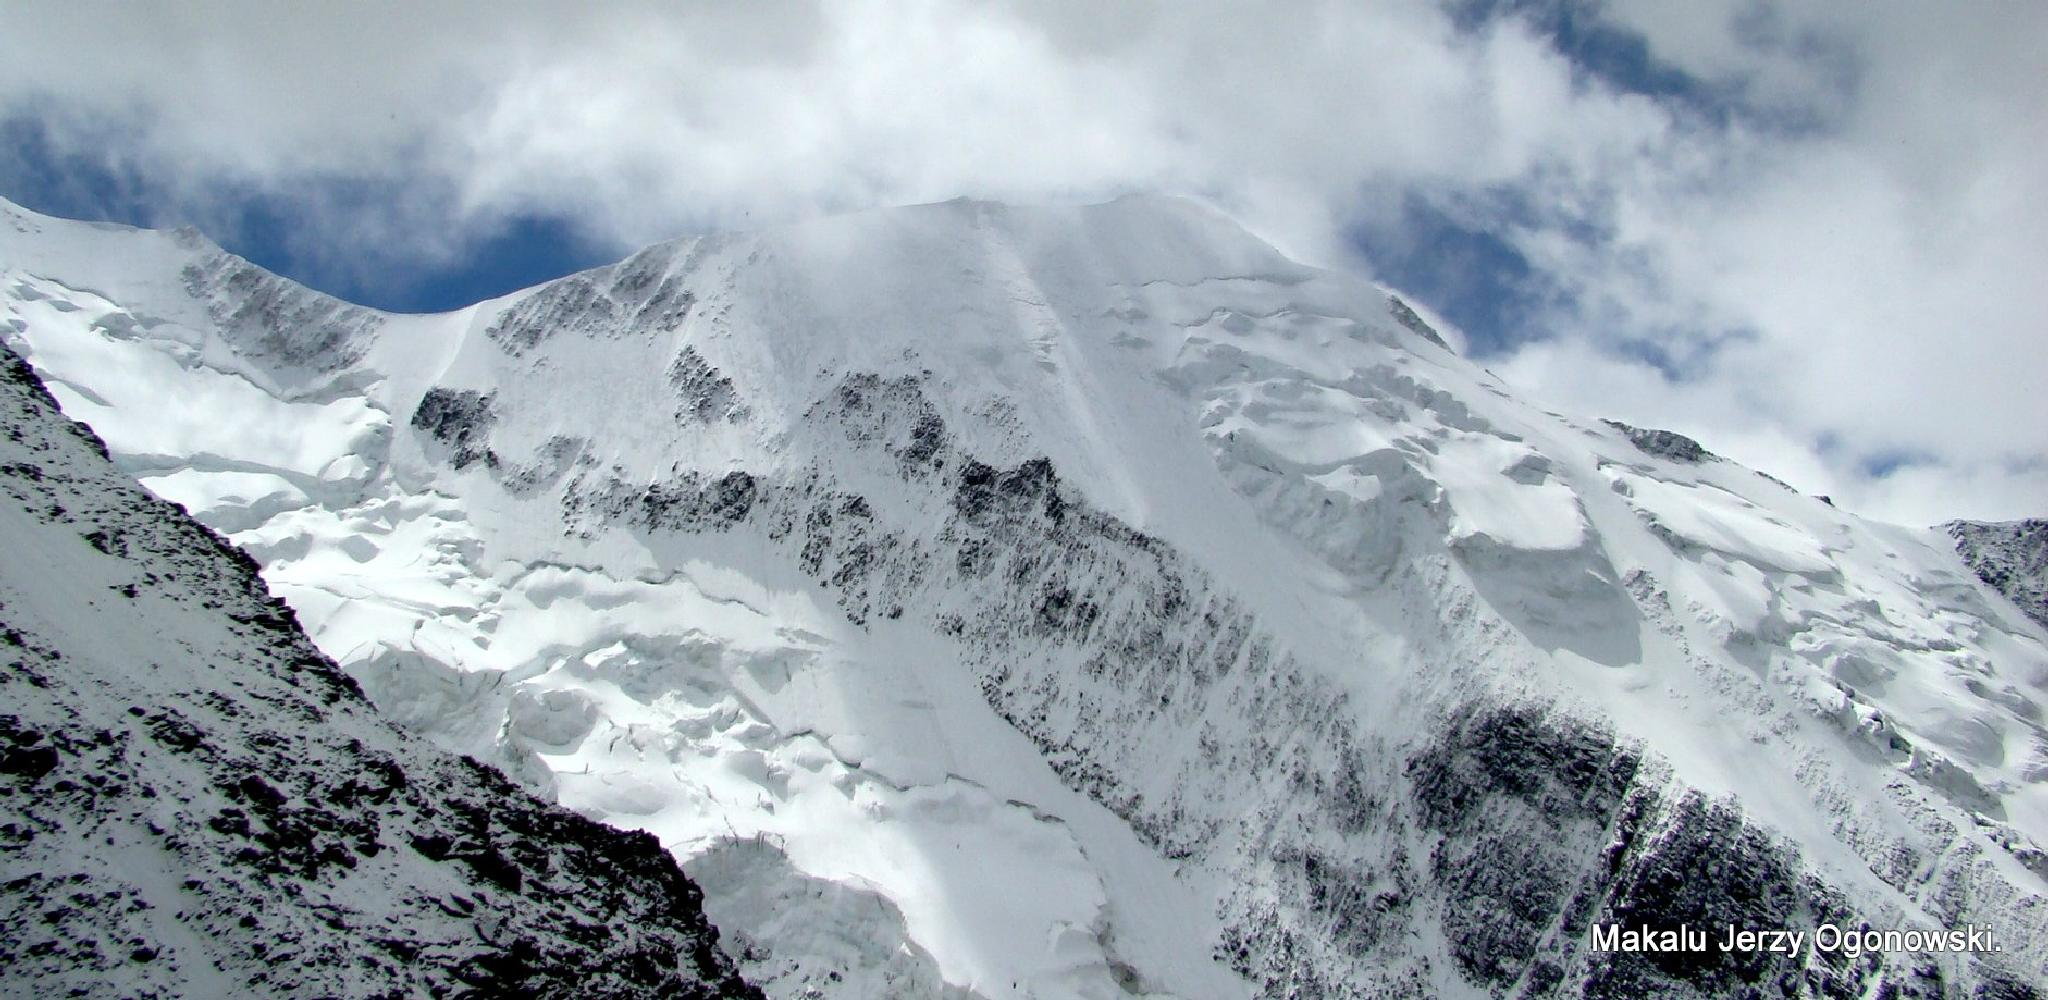 On the way to Mount Blanc4810m.French Alps. by Makalu Jerzy Ogonowski